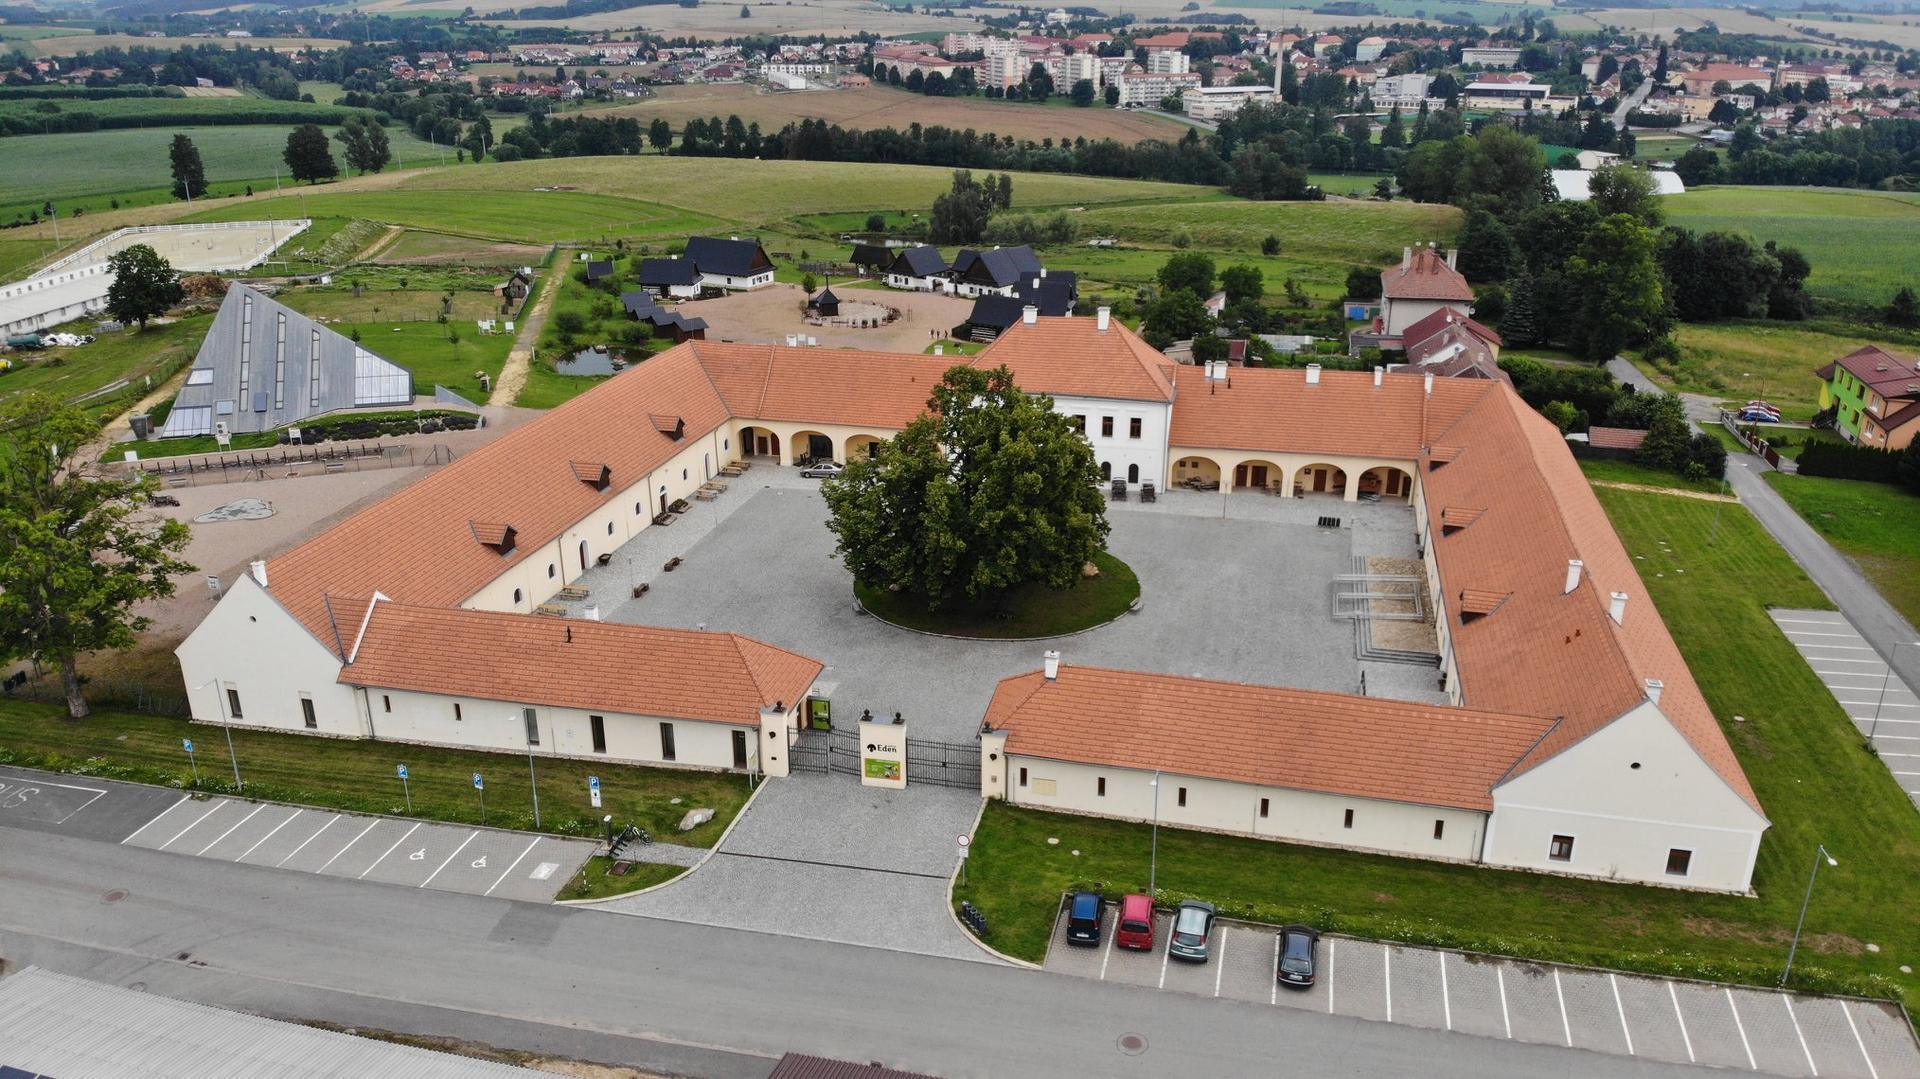 Místo naší svatby Centrum Eden - Bystřice nad Pernštejnem - Obrázek č. 9